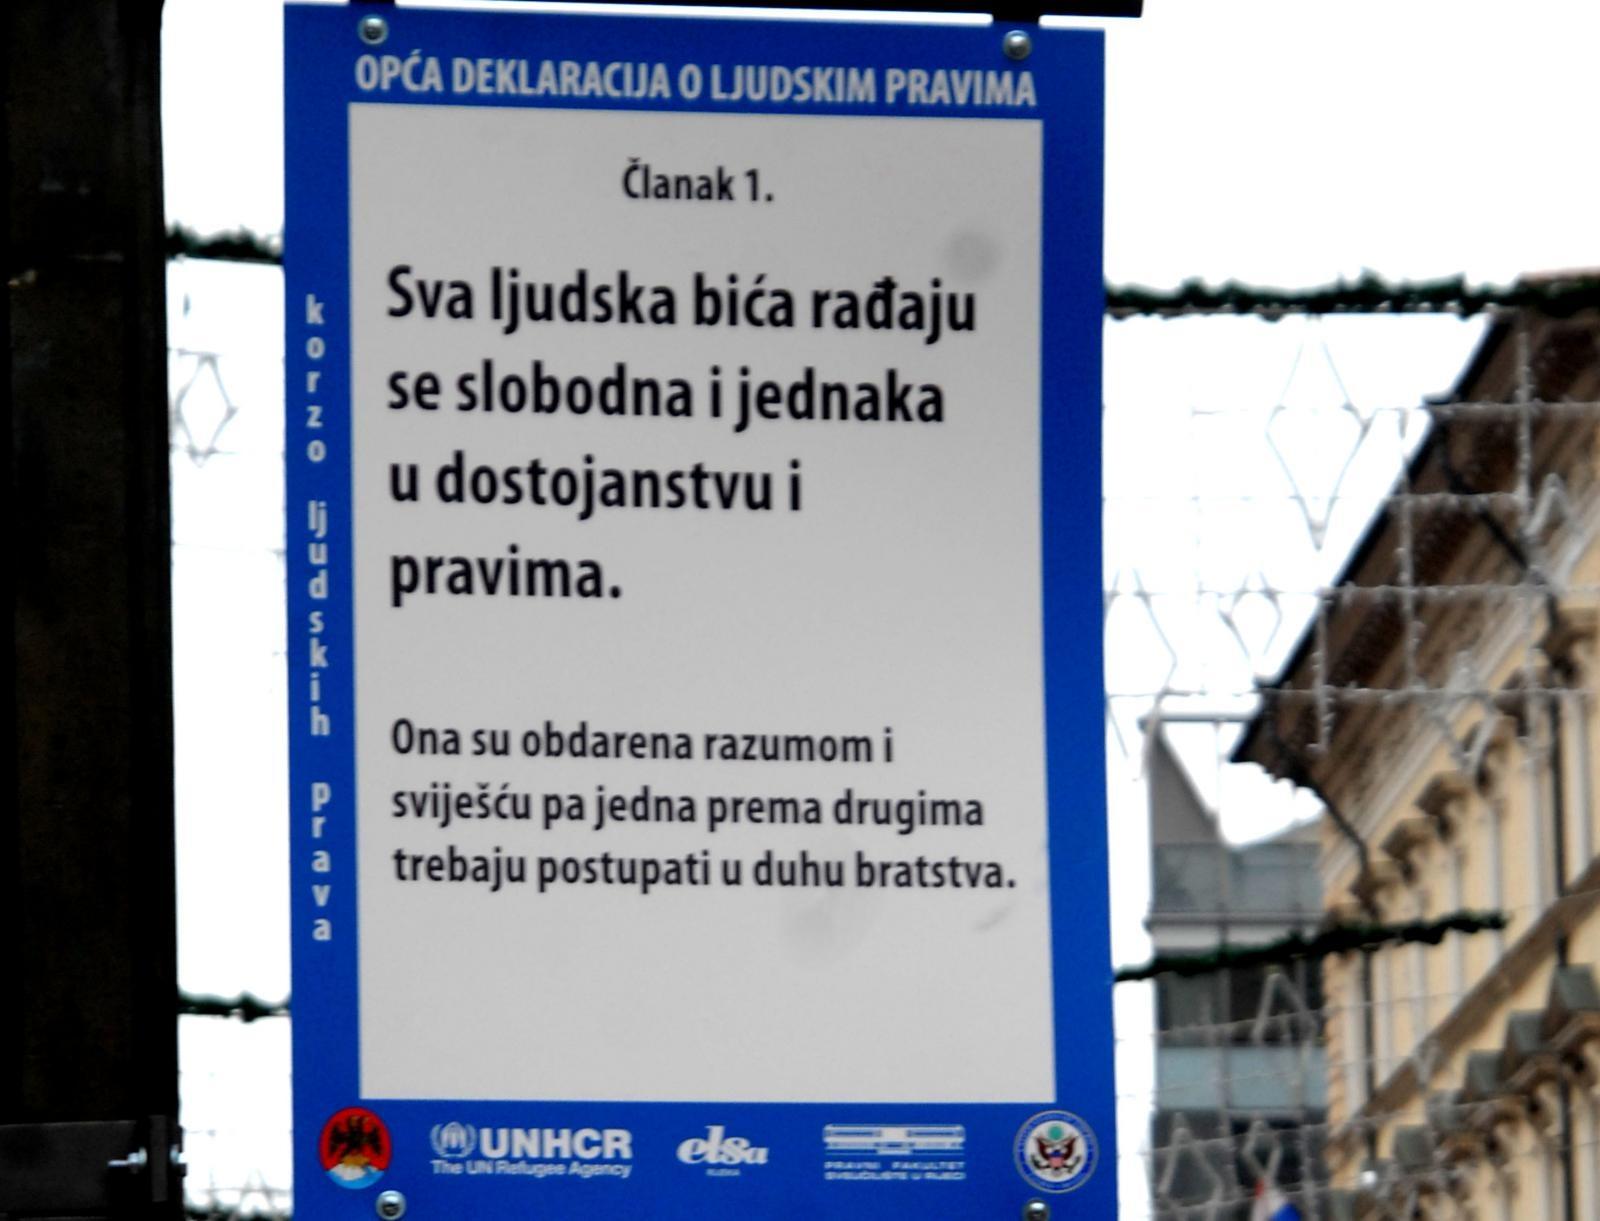 Manjine Splitsko-dalmatinske županije obilježile 70. obljetnicu Deklaracije o ljudskim pravima